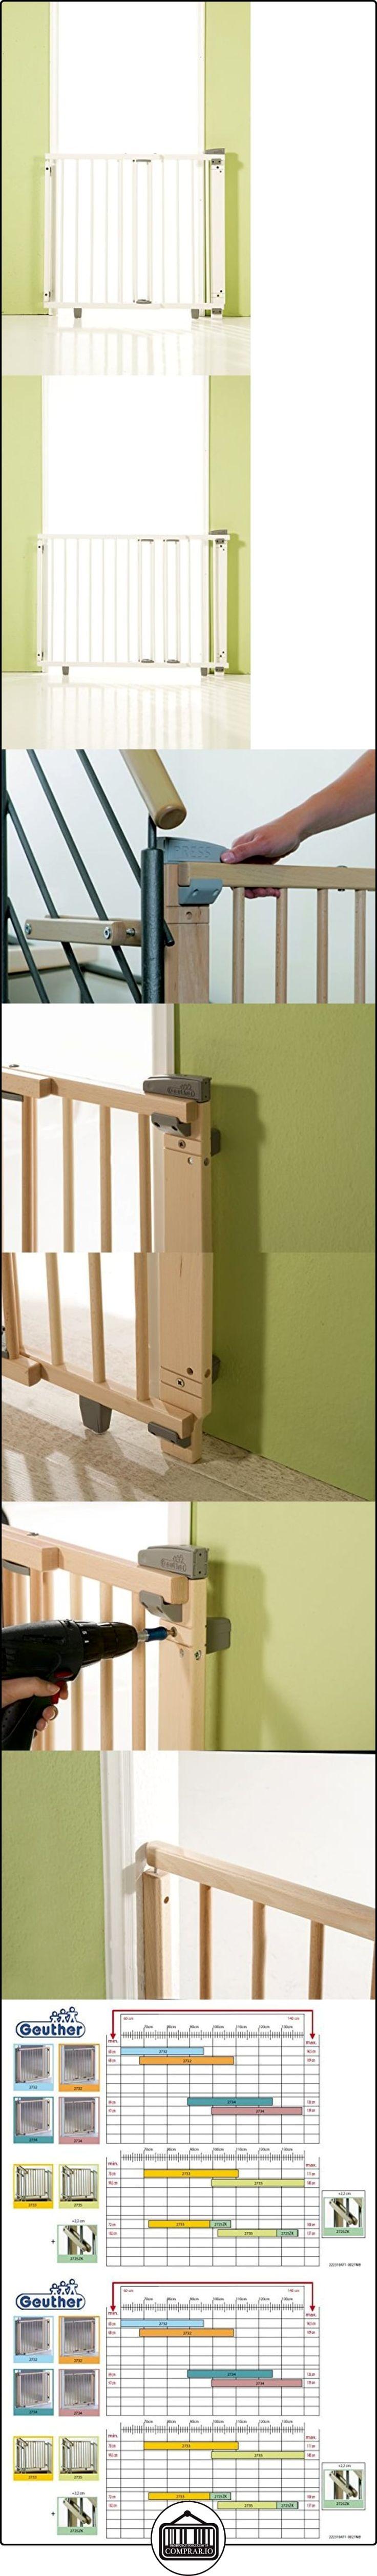 Geuther 2733 WE - Valla  ✿ Seguridad para tu bebé - (Protege a tus hijos) ✿ ▬► Ver oferta: http://comprar.io/goto/B004AKIH7O